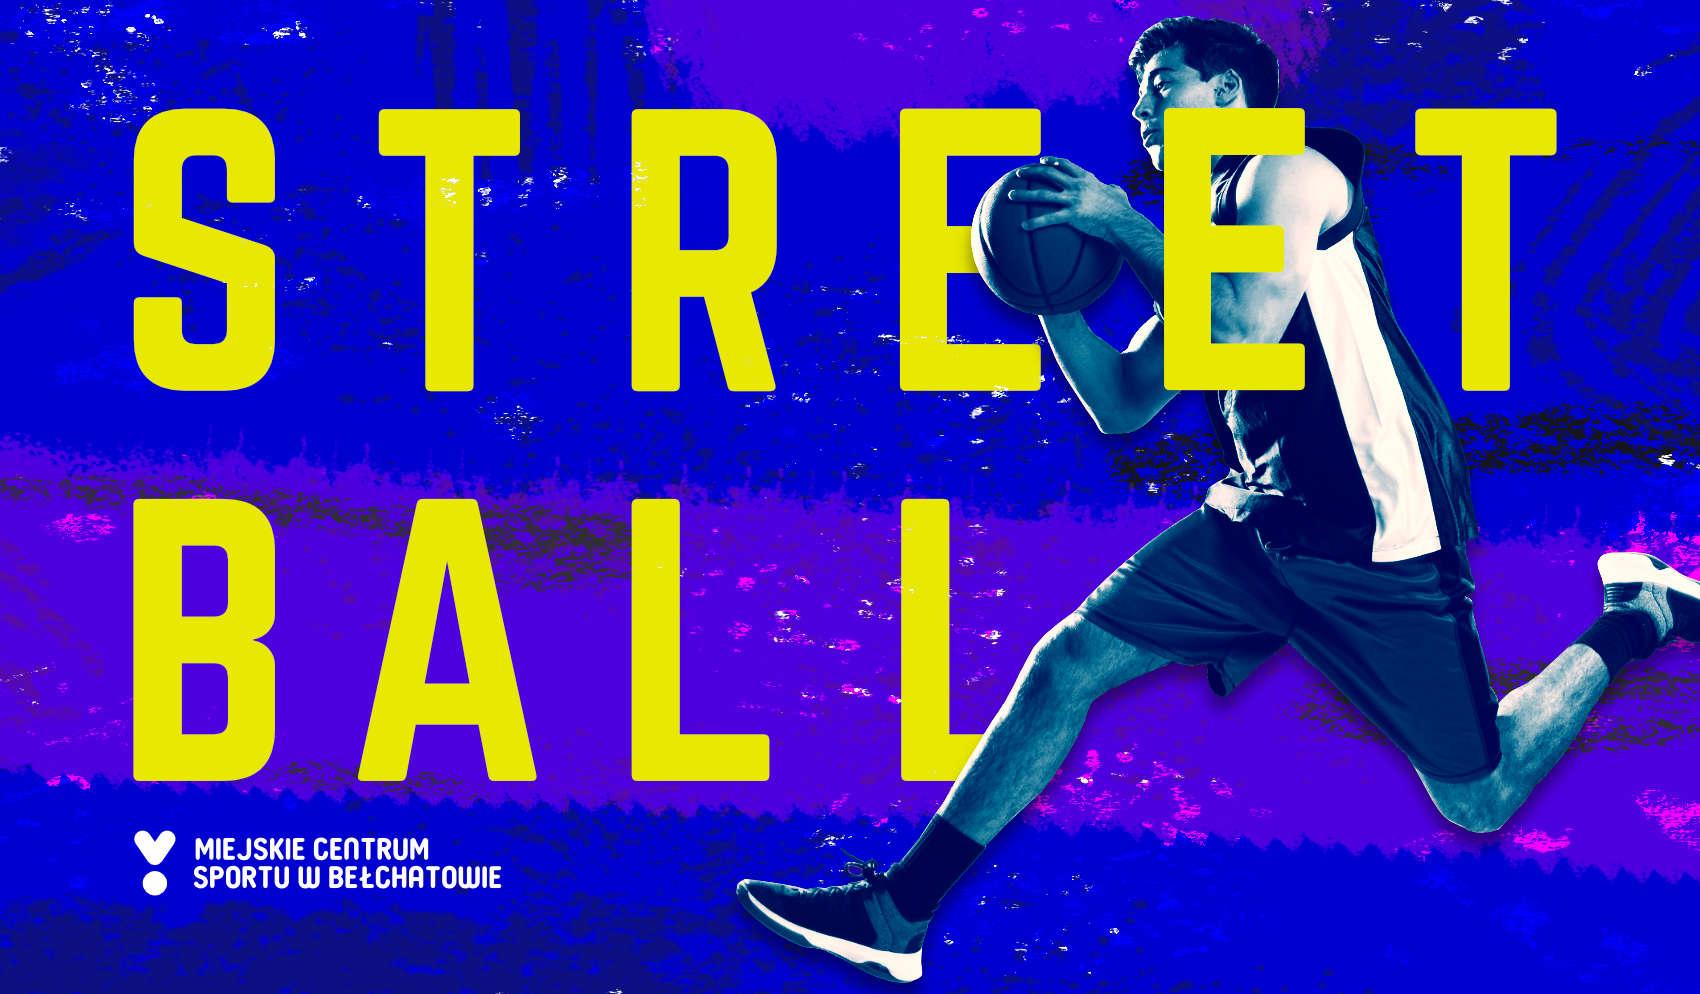 grafika promująca imprezę z koszykarzem STREETBALL